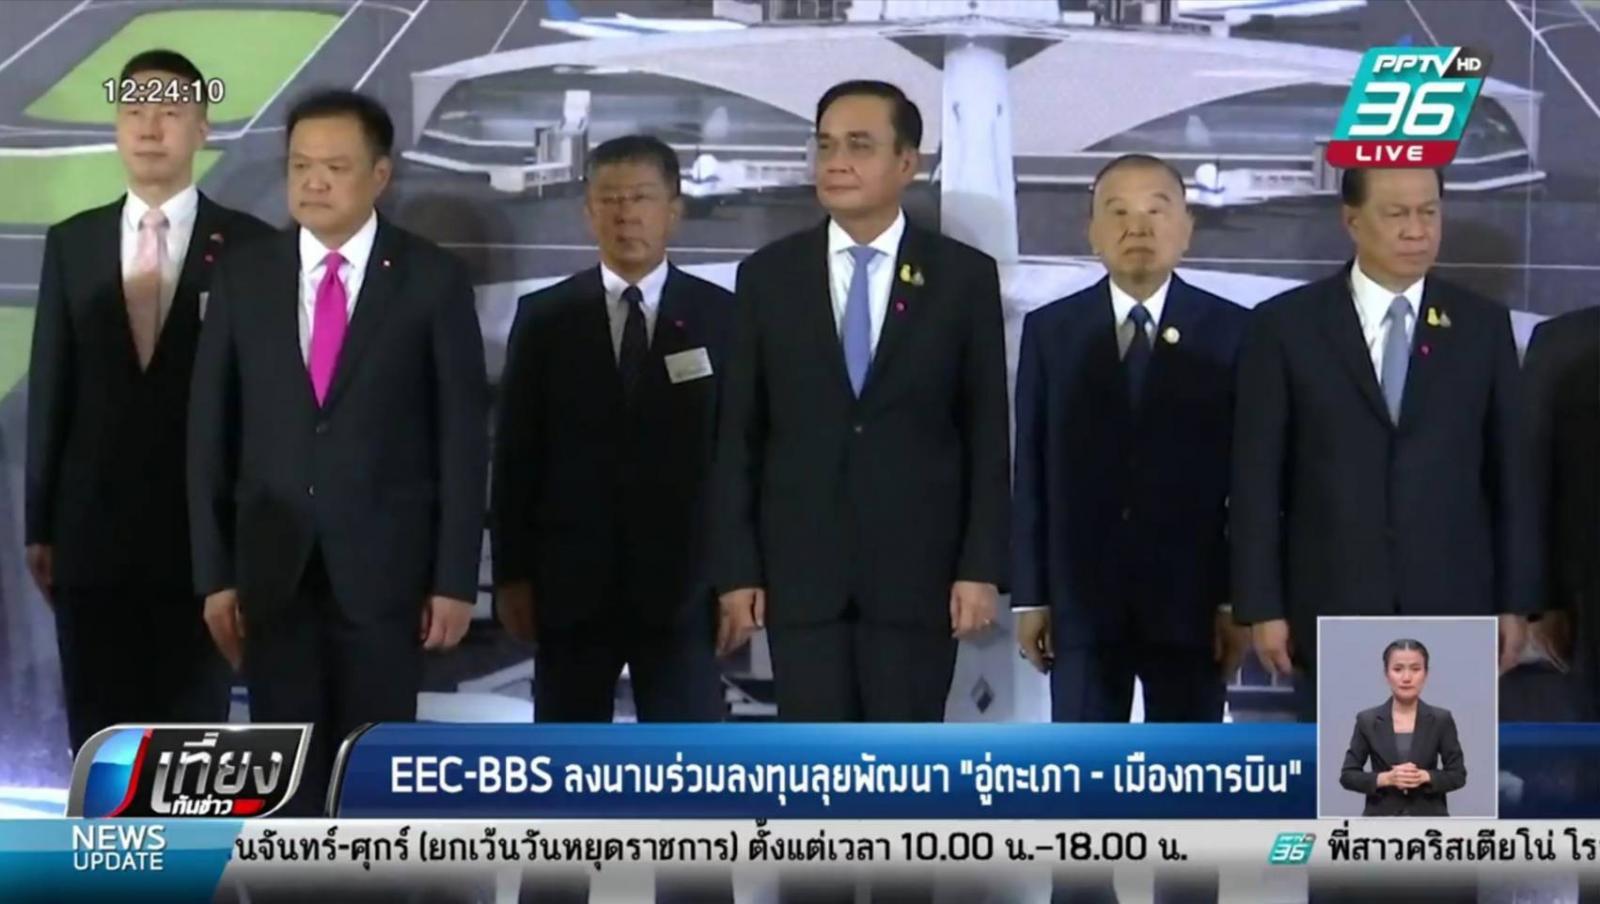 """อีอีซี-บีบีเอส ลงนามร่วมลงทุน ลุยพัฒนา """"อู่ตะเภา-เมืองการบินภาคตะวันออก"""""""